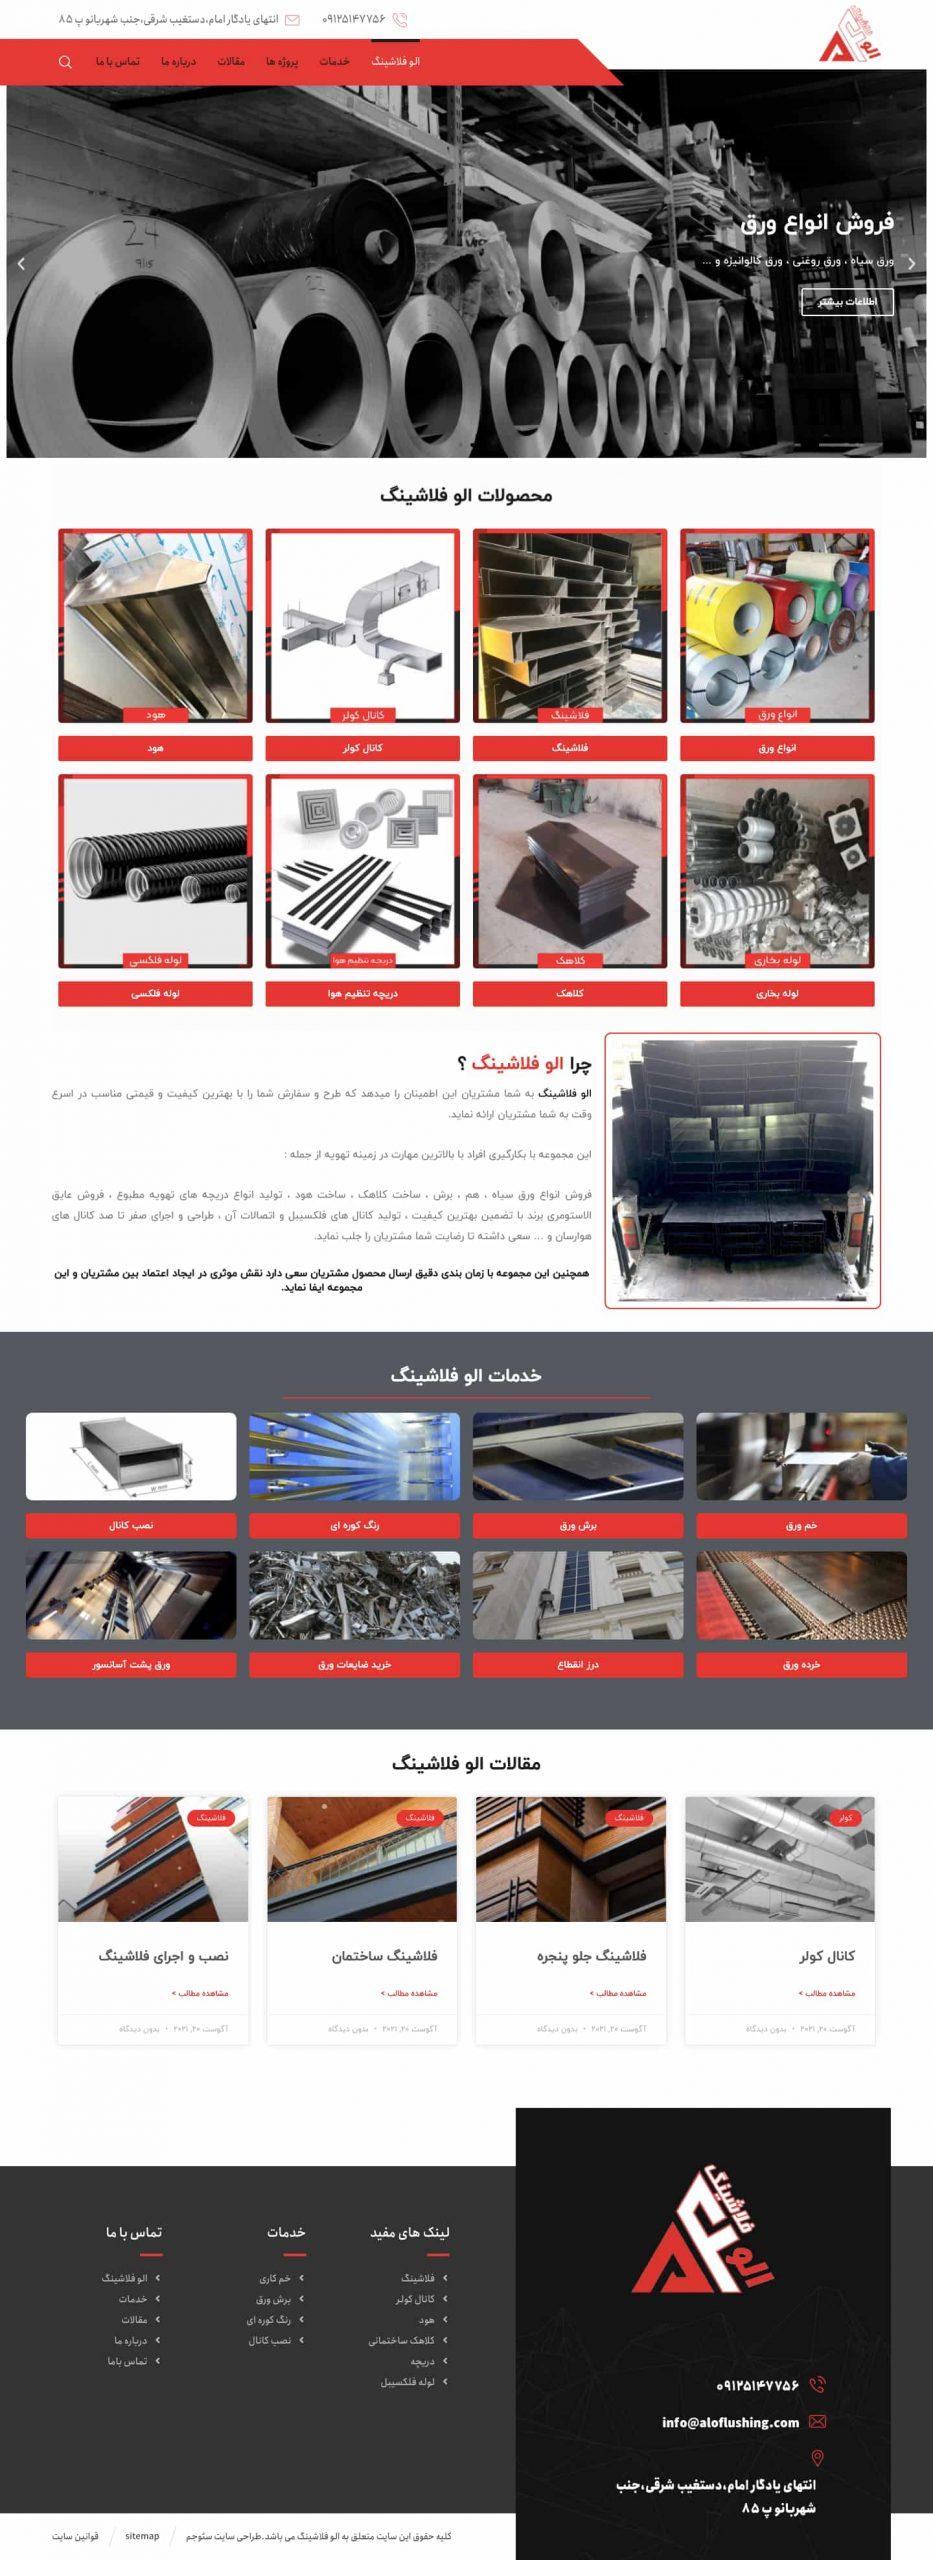 طراحی سایت صنعتی الوفلاشینگ